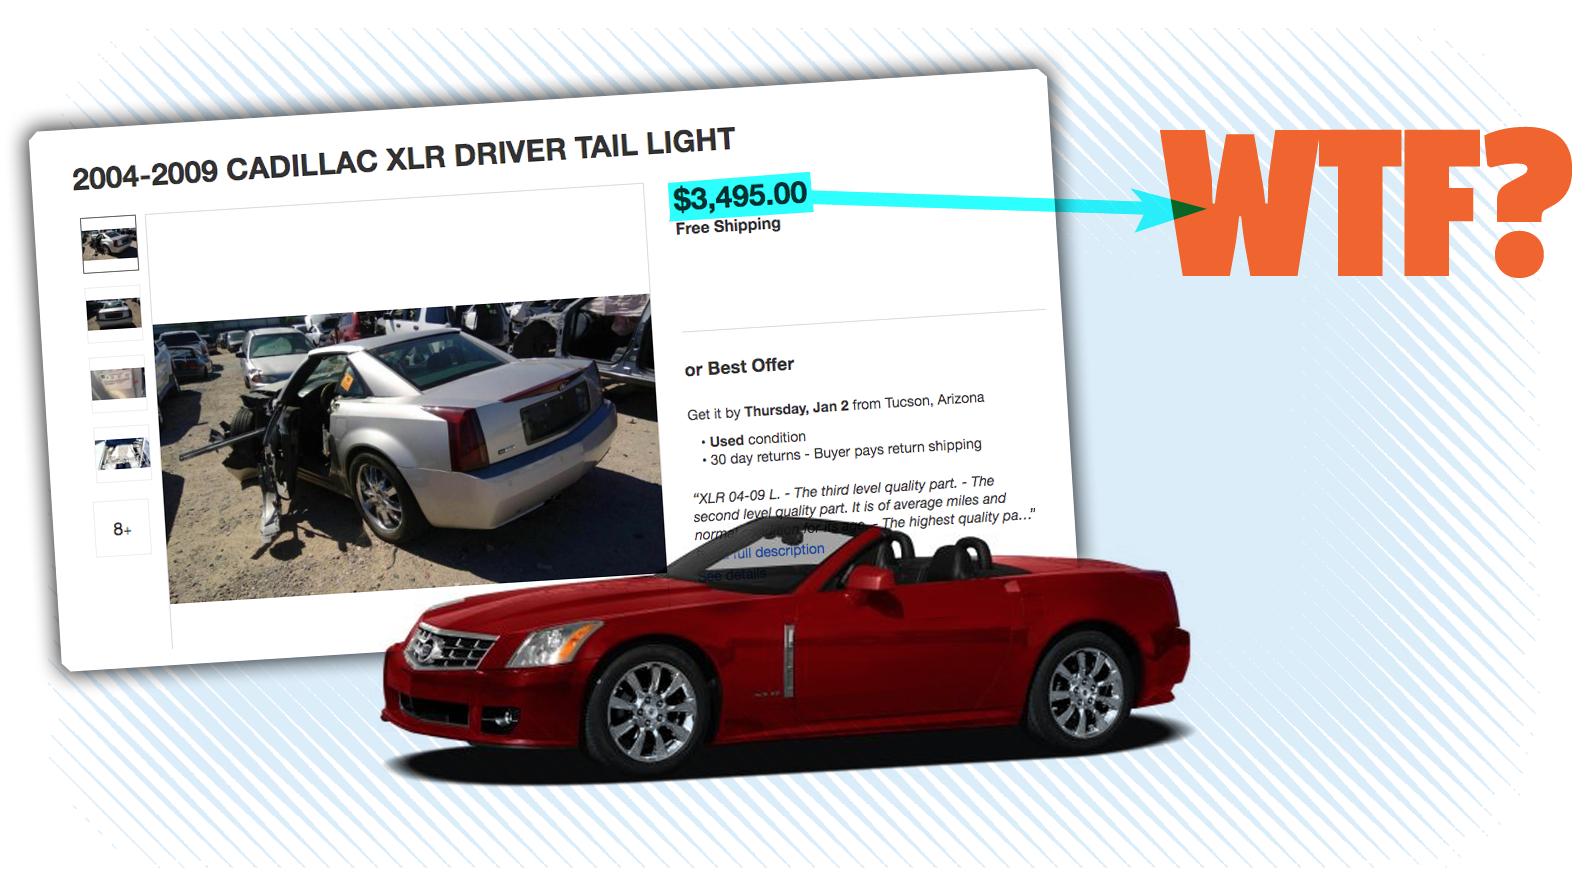 Почему задние фонари на Cadillac XLR могут стоить больше, чем подержанная Corolla - 1